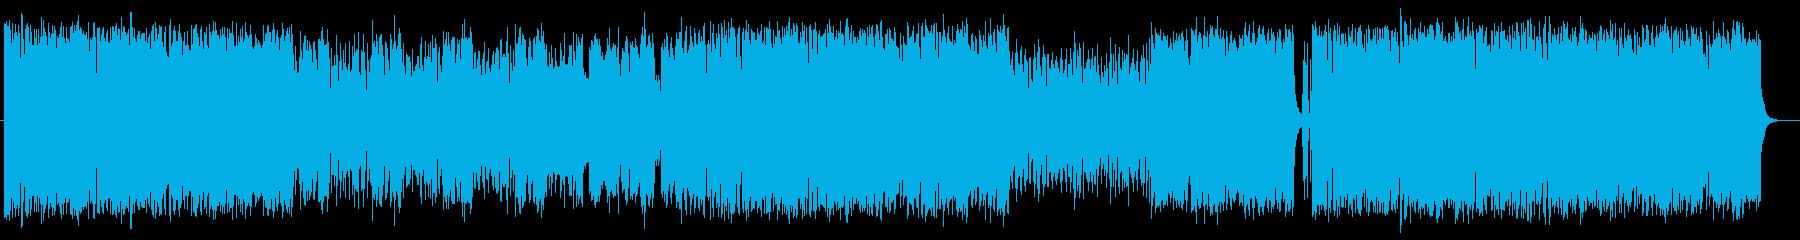 爽やかで開放感あるミュージックの再生済みの波形